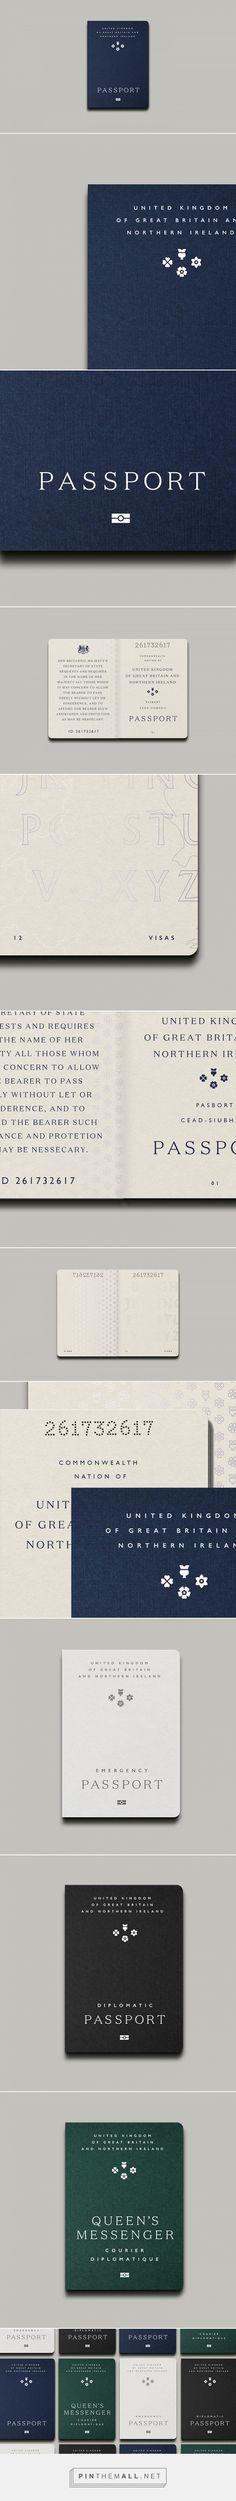 UK Passport by Michael Mason